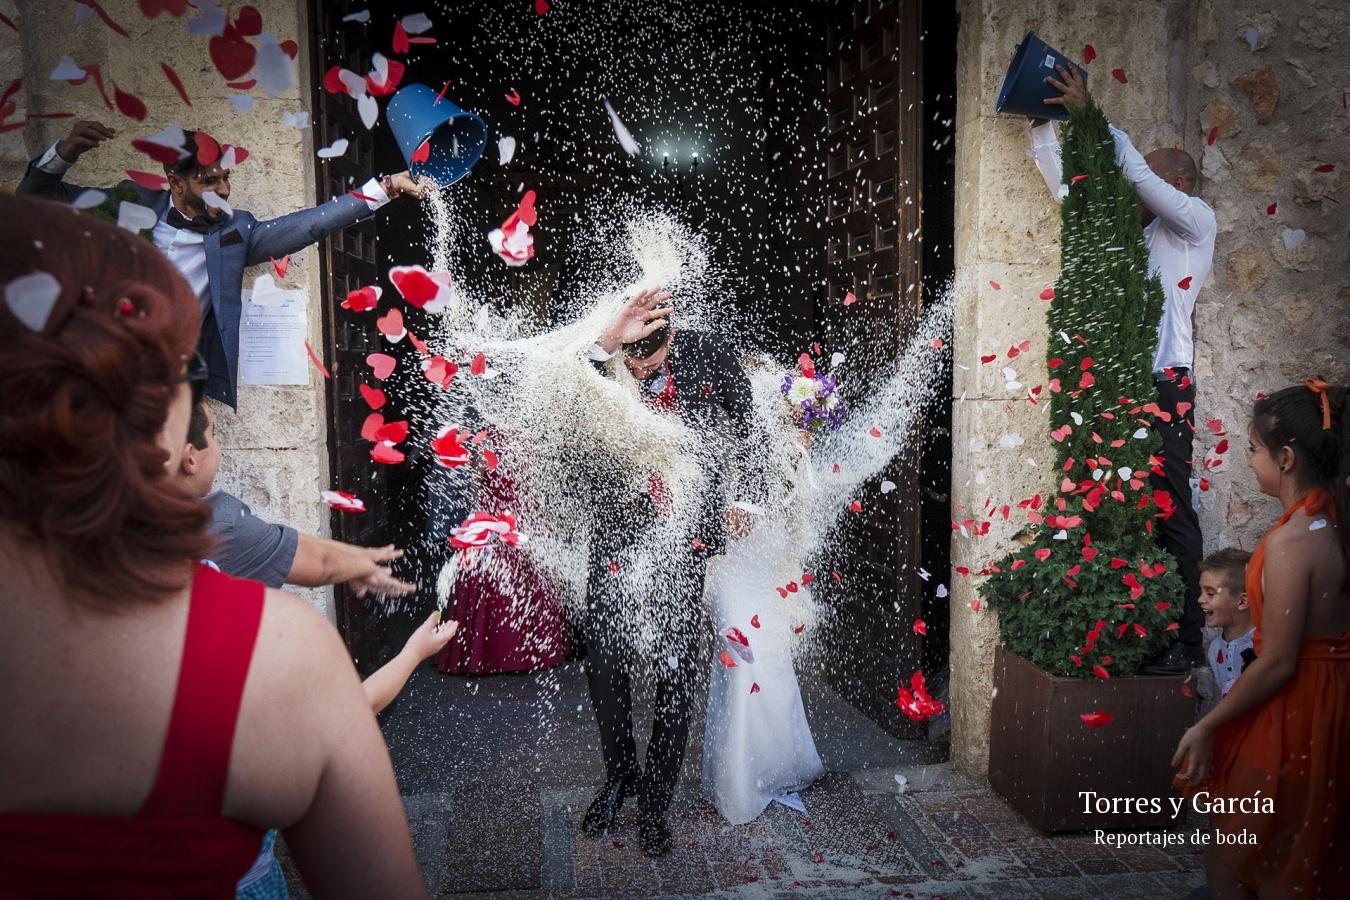 tirando arroz a cubos - Fotografías - Libros y reportajes de boda diferentes.